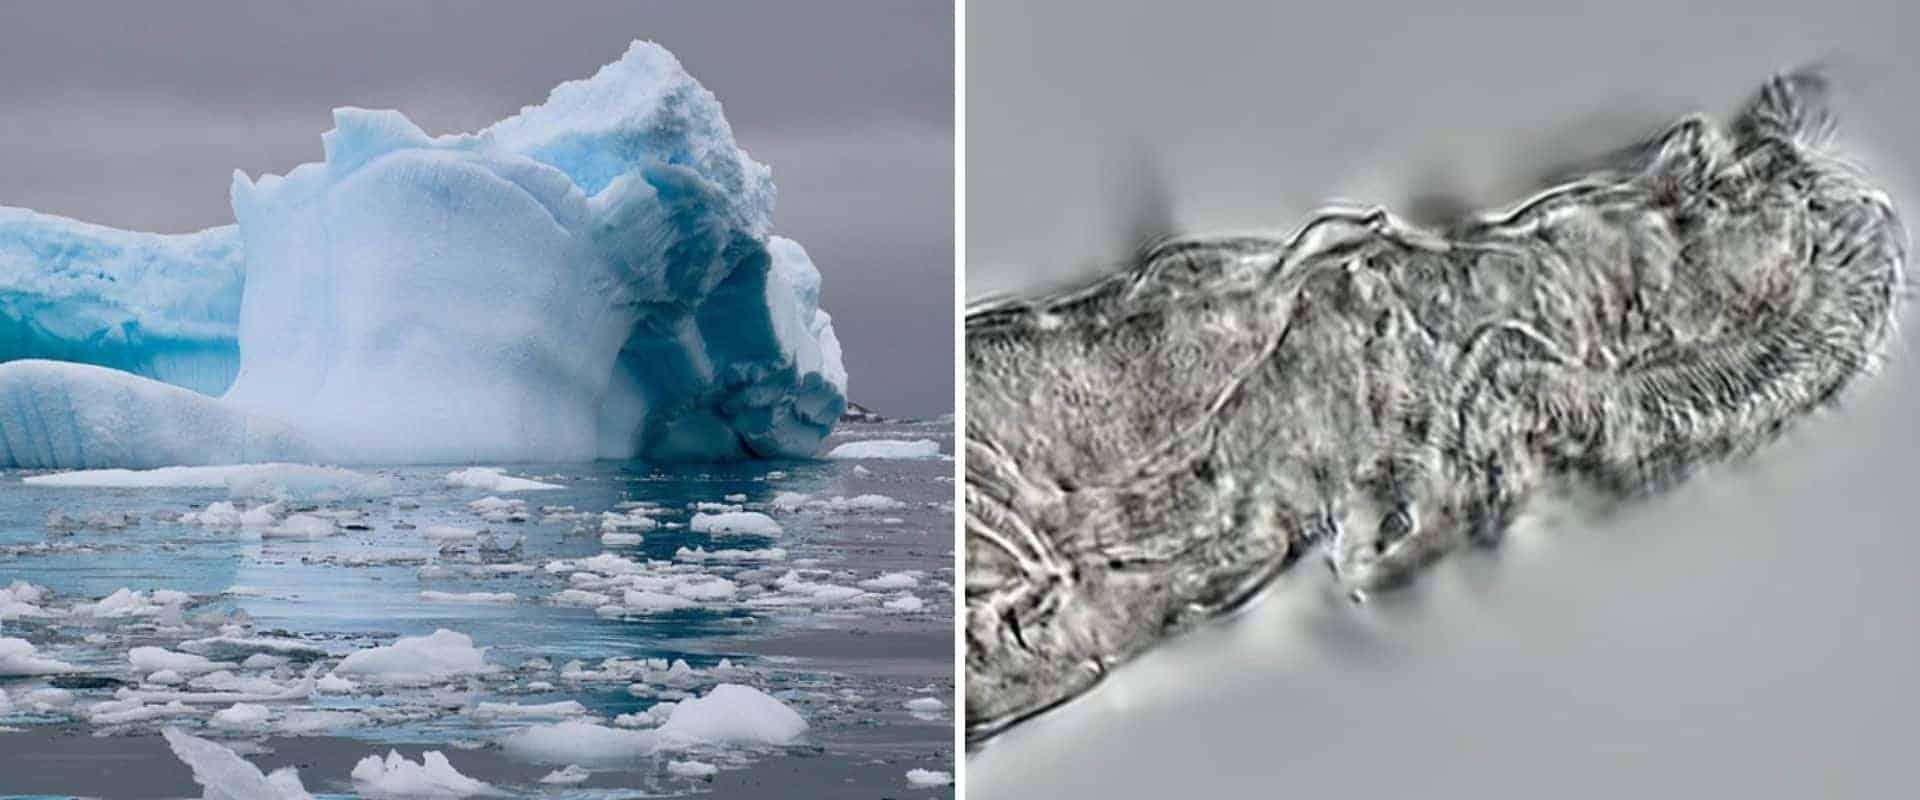 Científicos lograron revivir un animal que permaneció congelado durante 24.000 años en Siberia